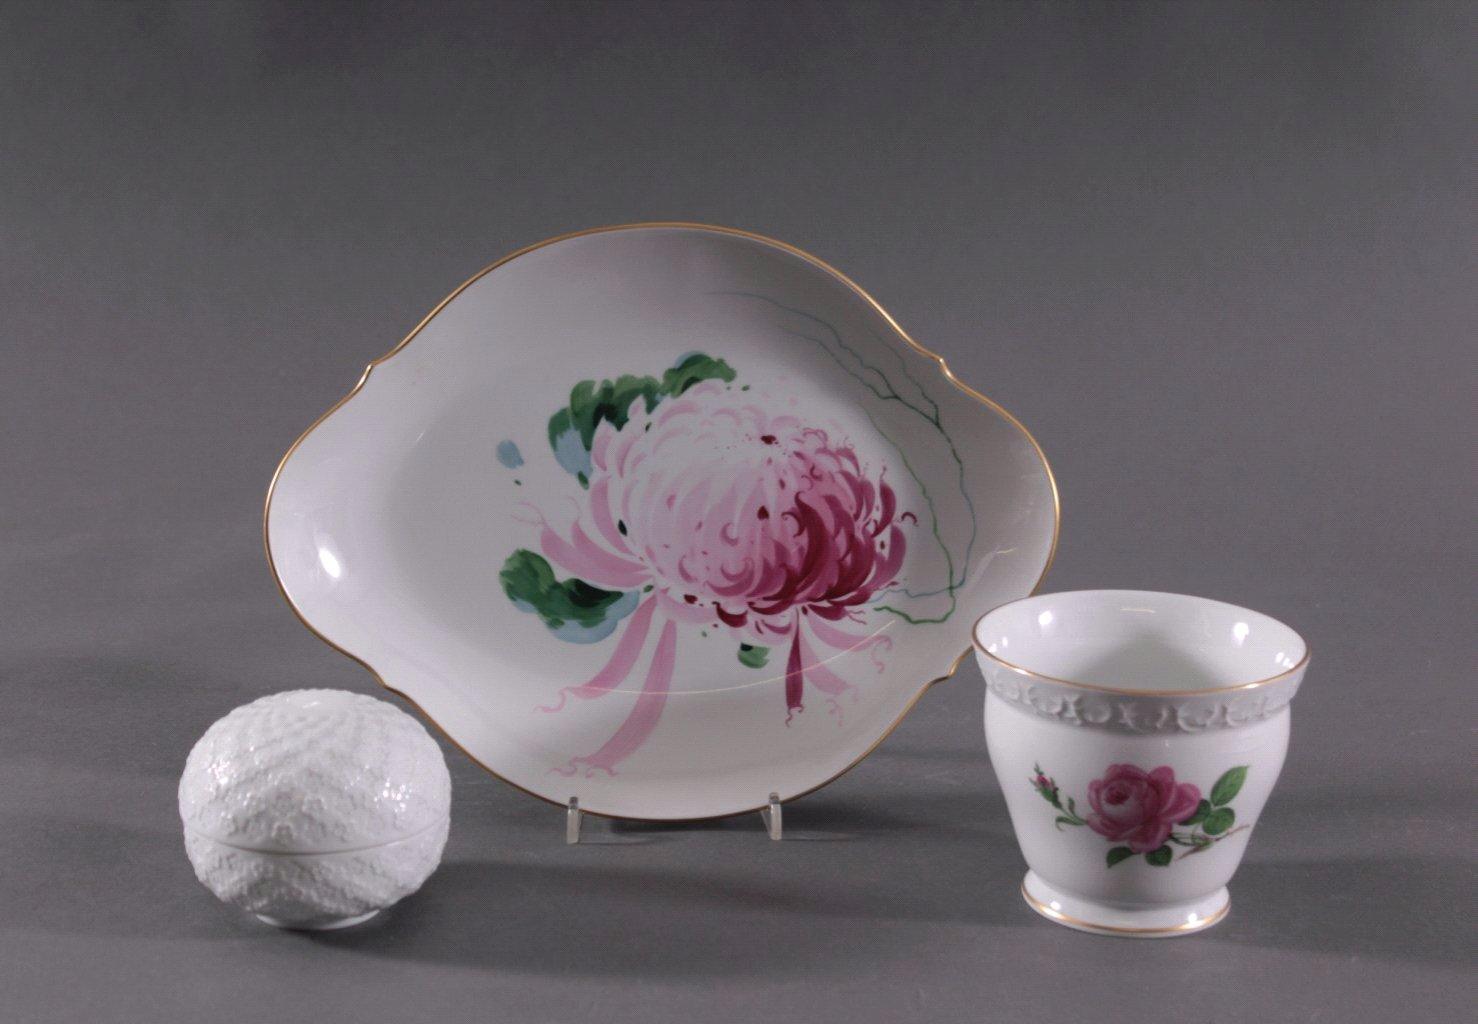 Meissen Porzellan, 3 Teile, 20. Jahrhundert